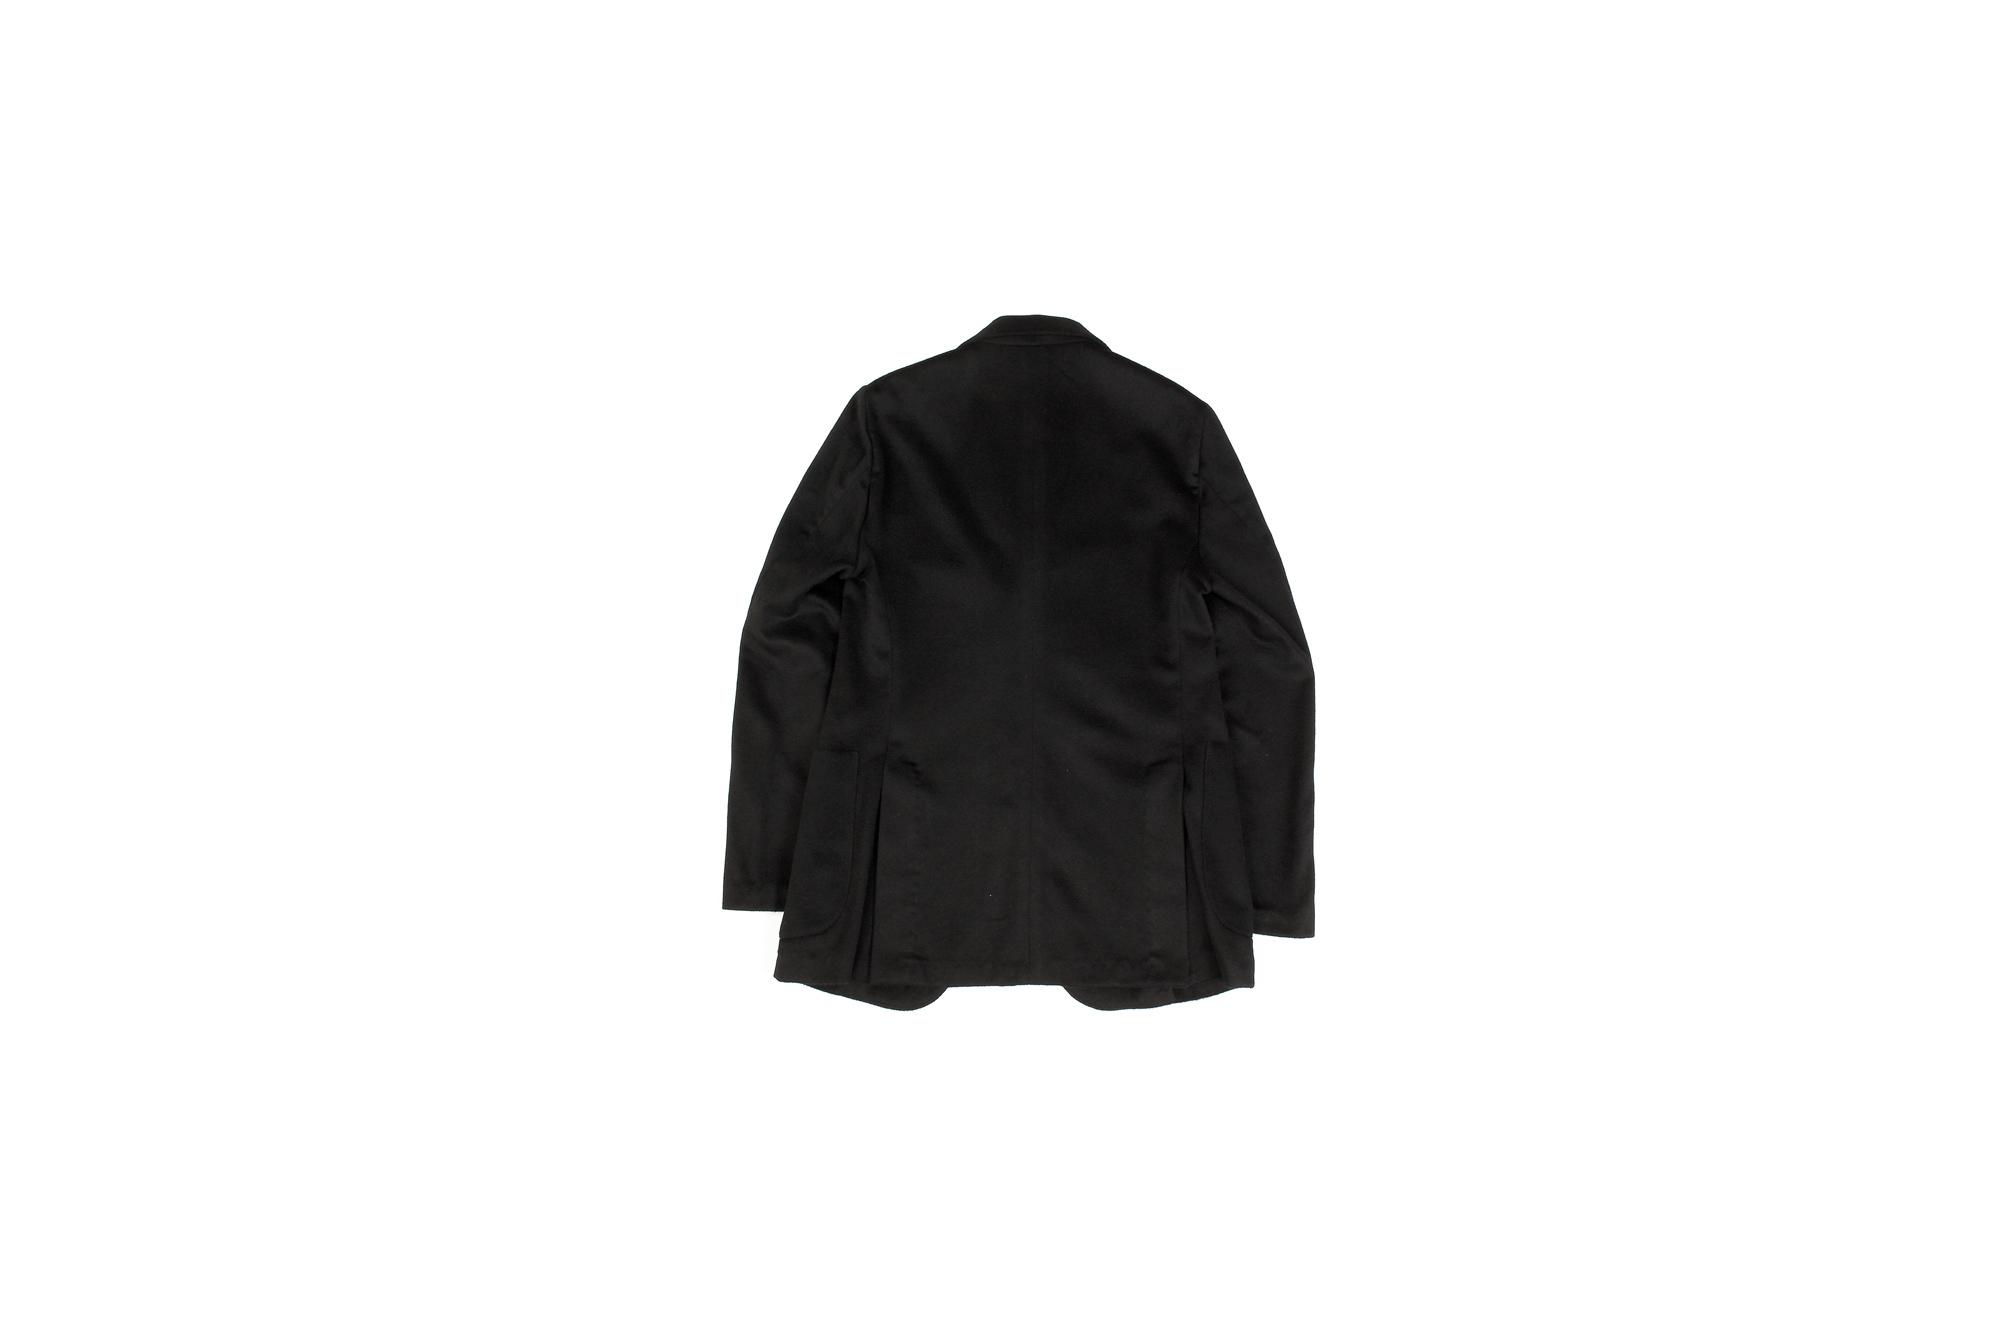 Finjack (フィンジャック) Cashmere 2B Jacket ヌーヴォラライン カシミヤ ジャケット BLACK (ブラック) Made in italy (イタリア製) 2021 秋冬新作 愛知 名古屋 Alto e Diritto altoediritto アルトエデリット カシミアジャケット カシミヤジャケット